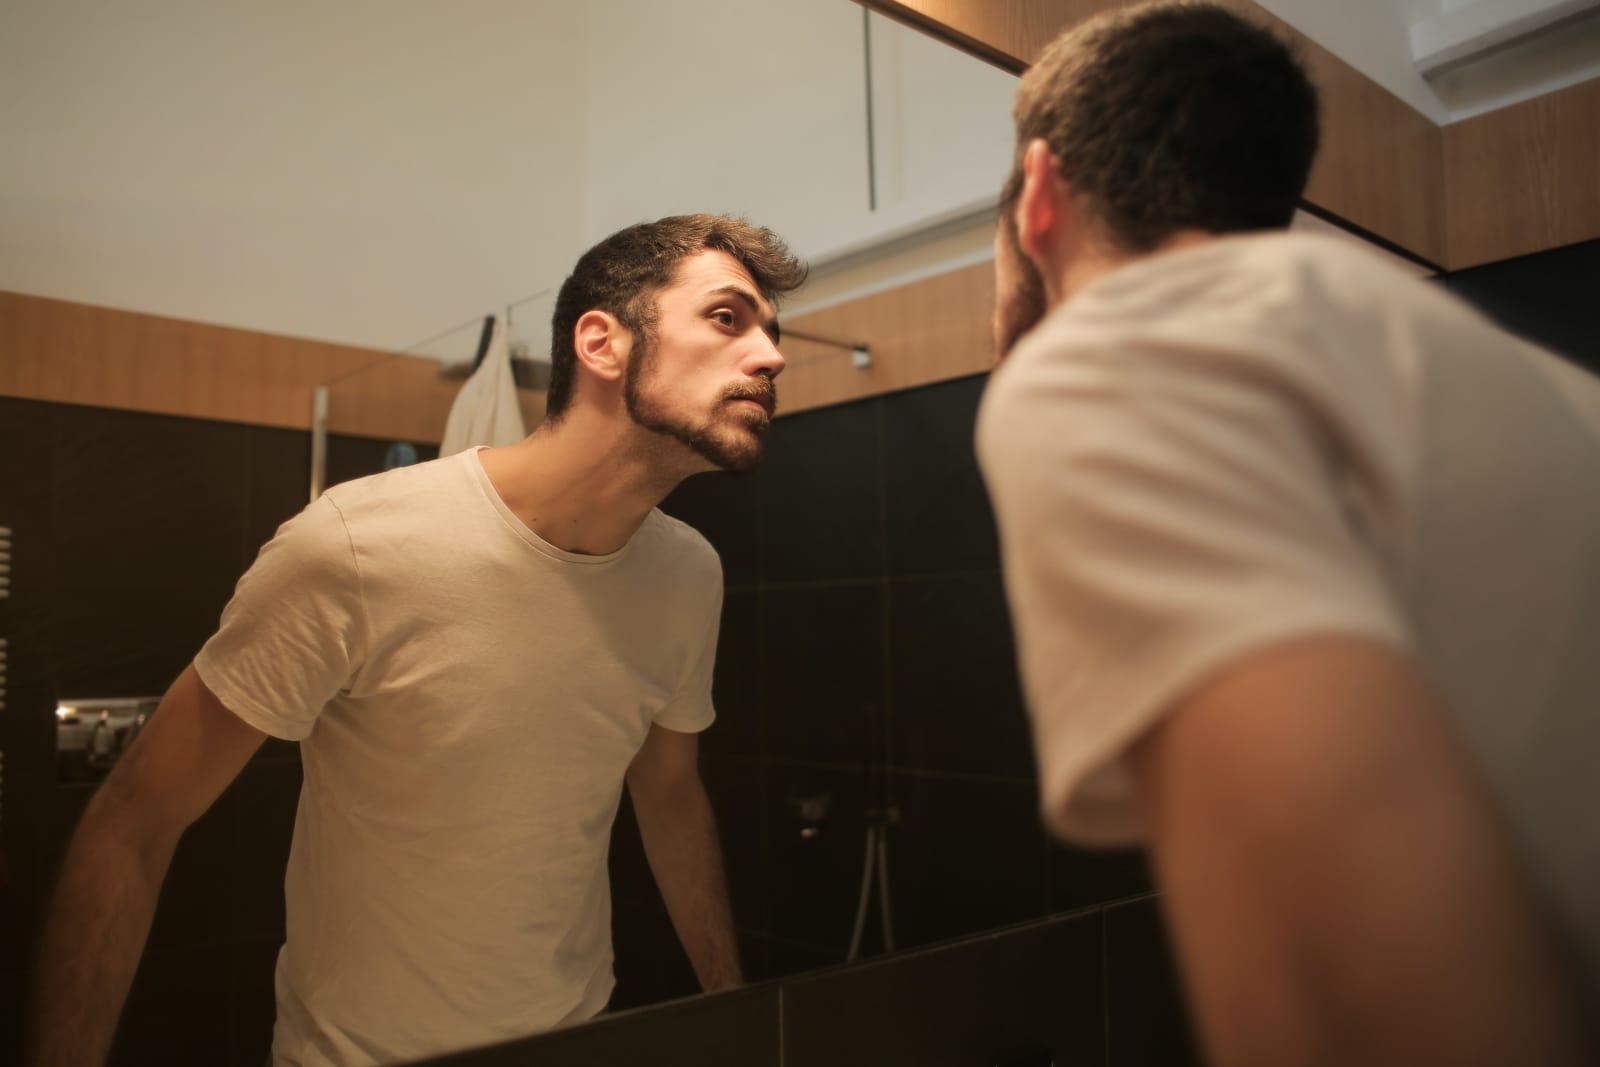 maklon skincare untuk laki-laki (1)